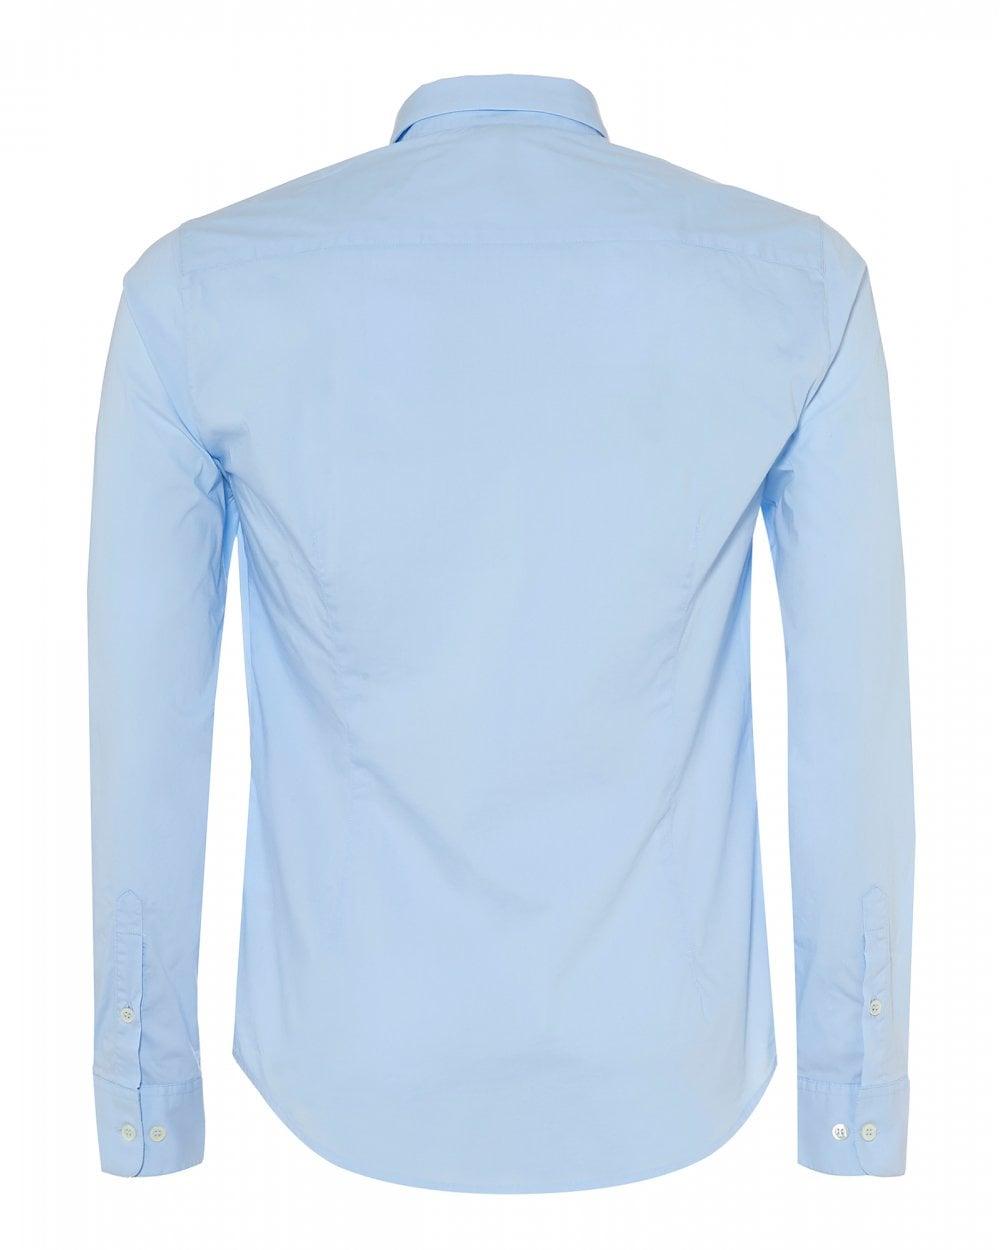 99138eda Emporio Armani Mens Canvas Cotton Sky Blue Stretch Shirt